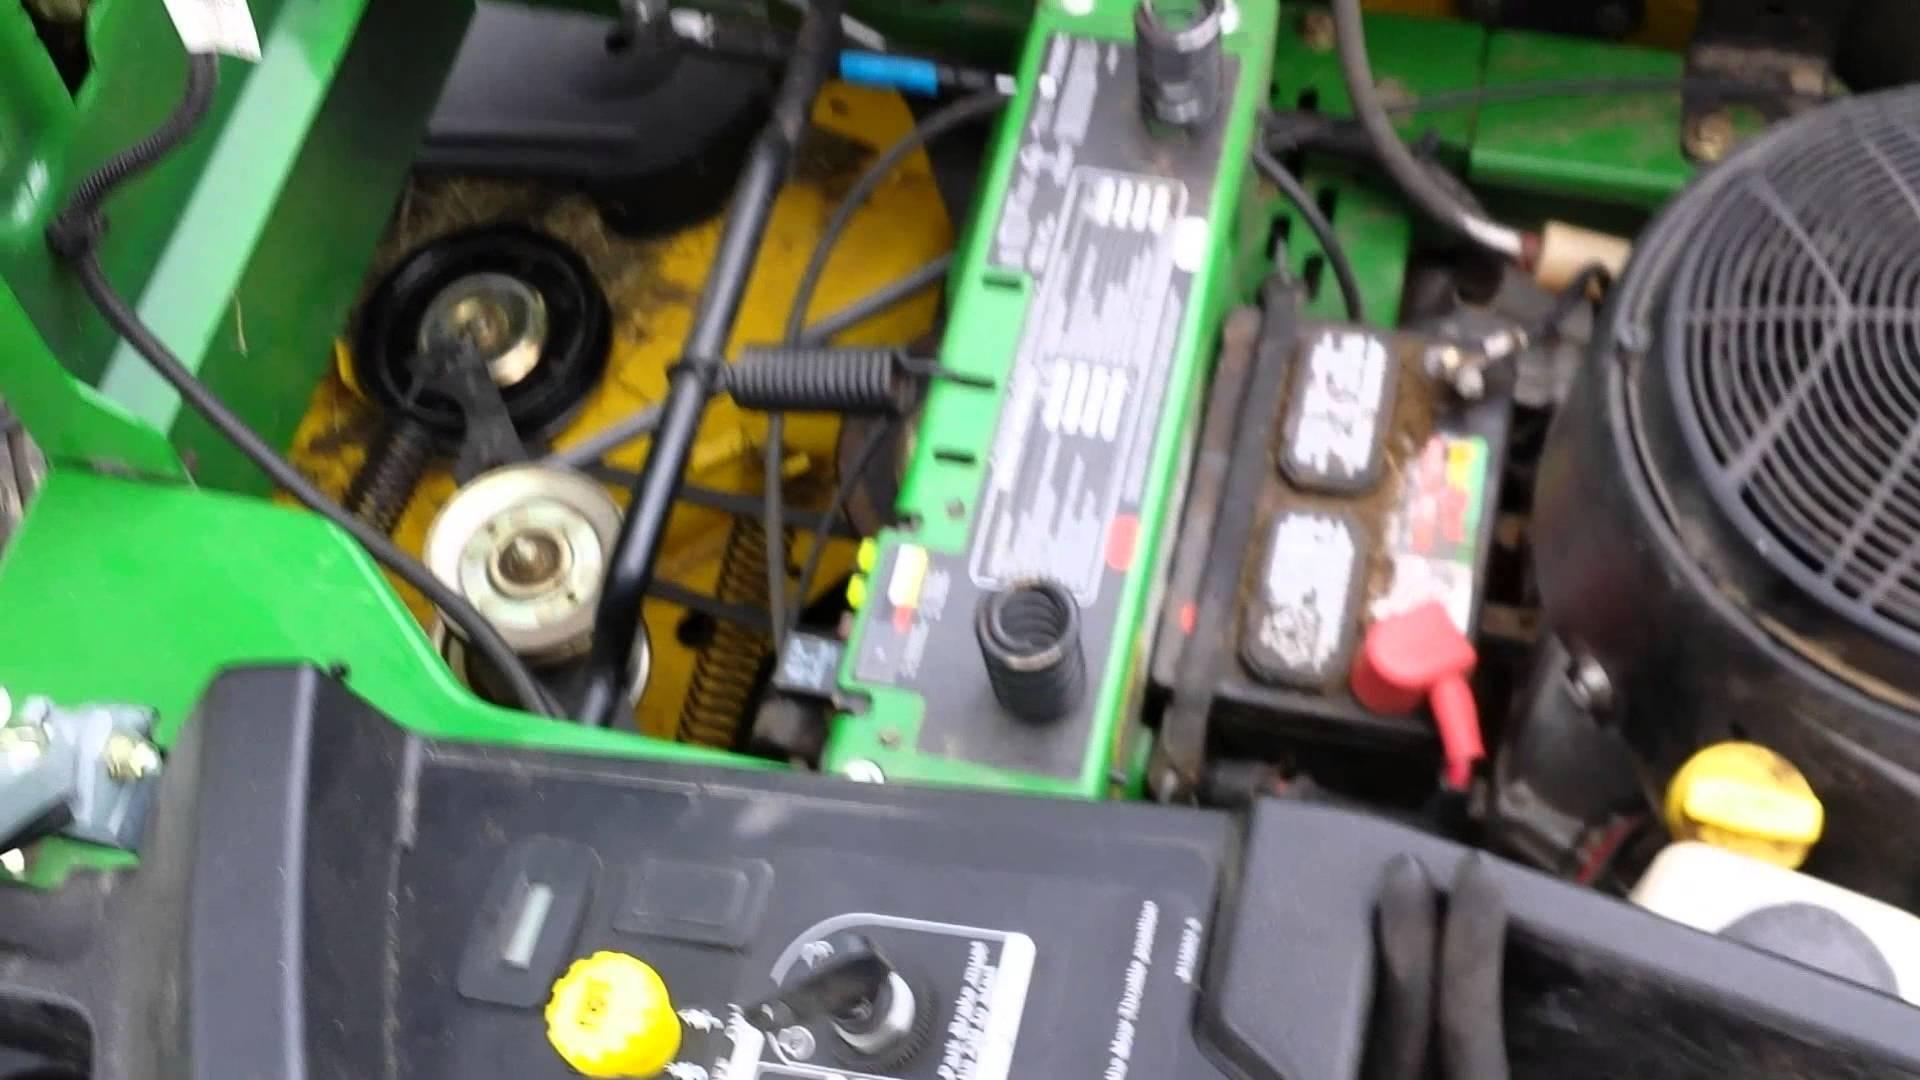 john deere z225 deck belt diagram 42 custom wiring diagram u2022 rh littlewaves co John Deere Zero Turn Z245 John Deere Z445 Problems